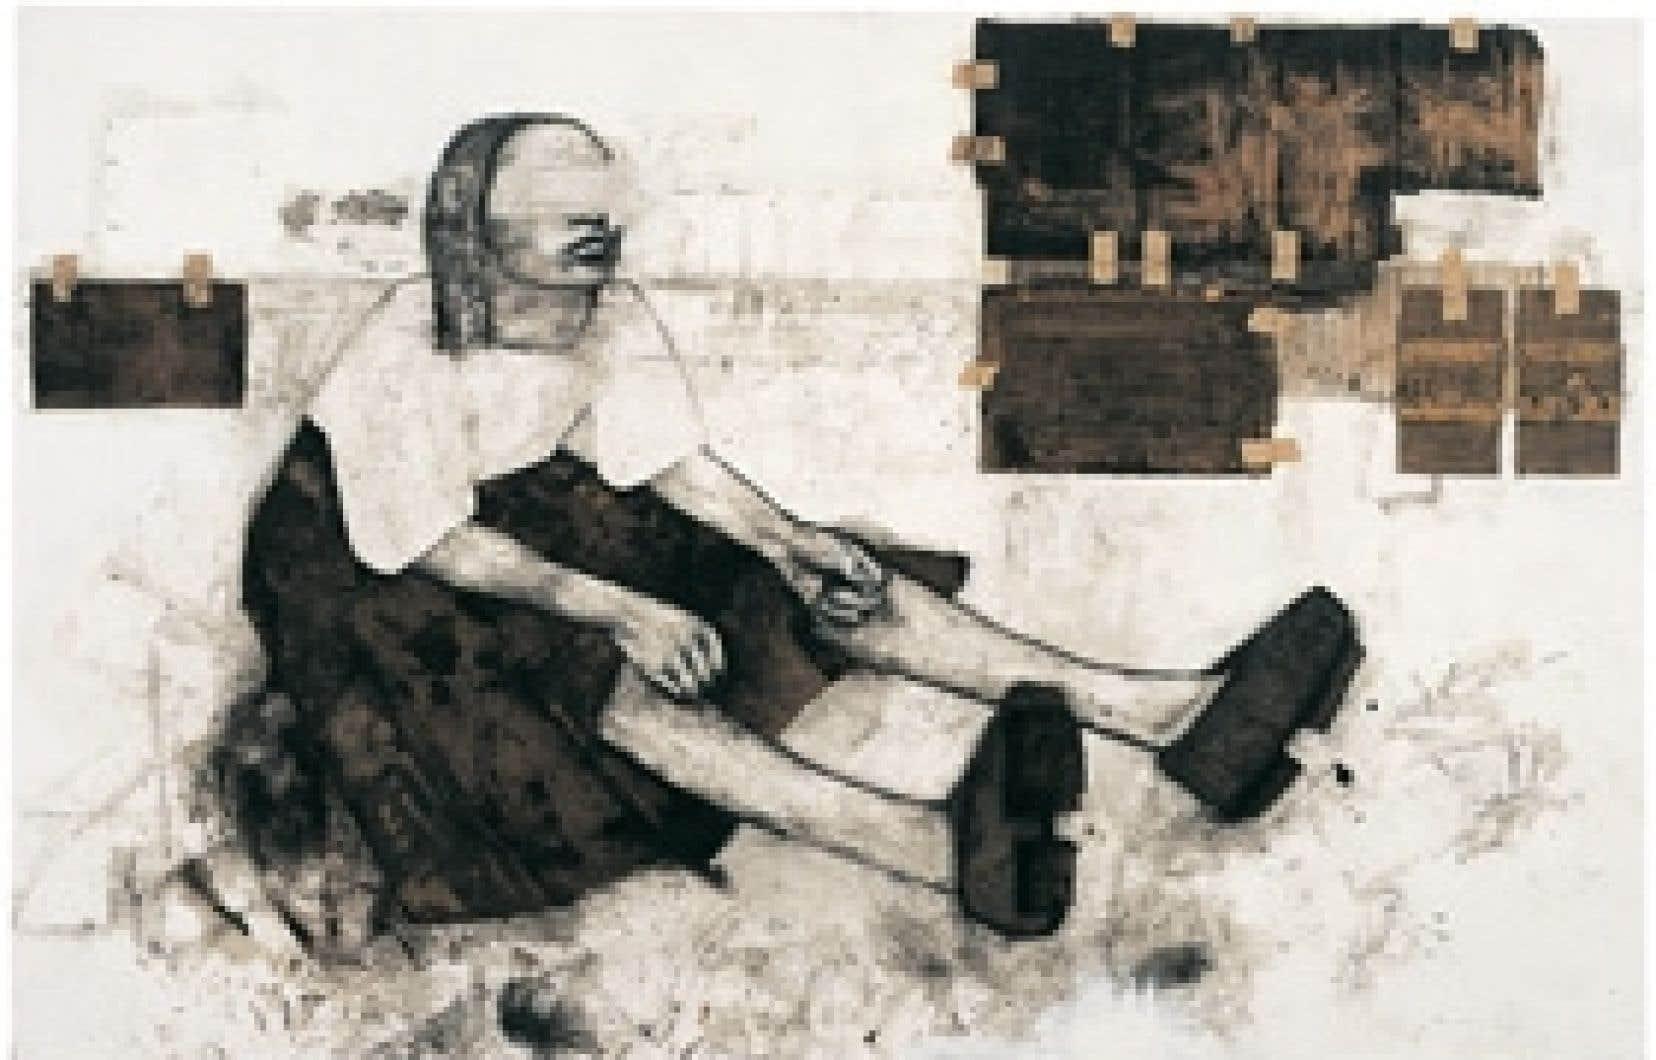 Femme de carton # 2, de Stéphanie Béliveau, 2004